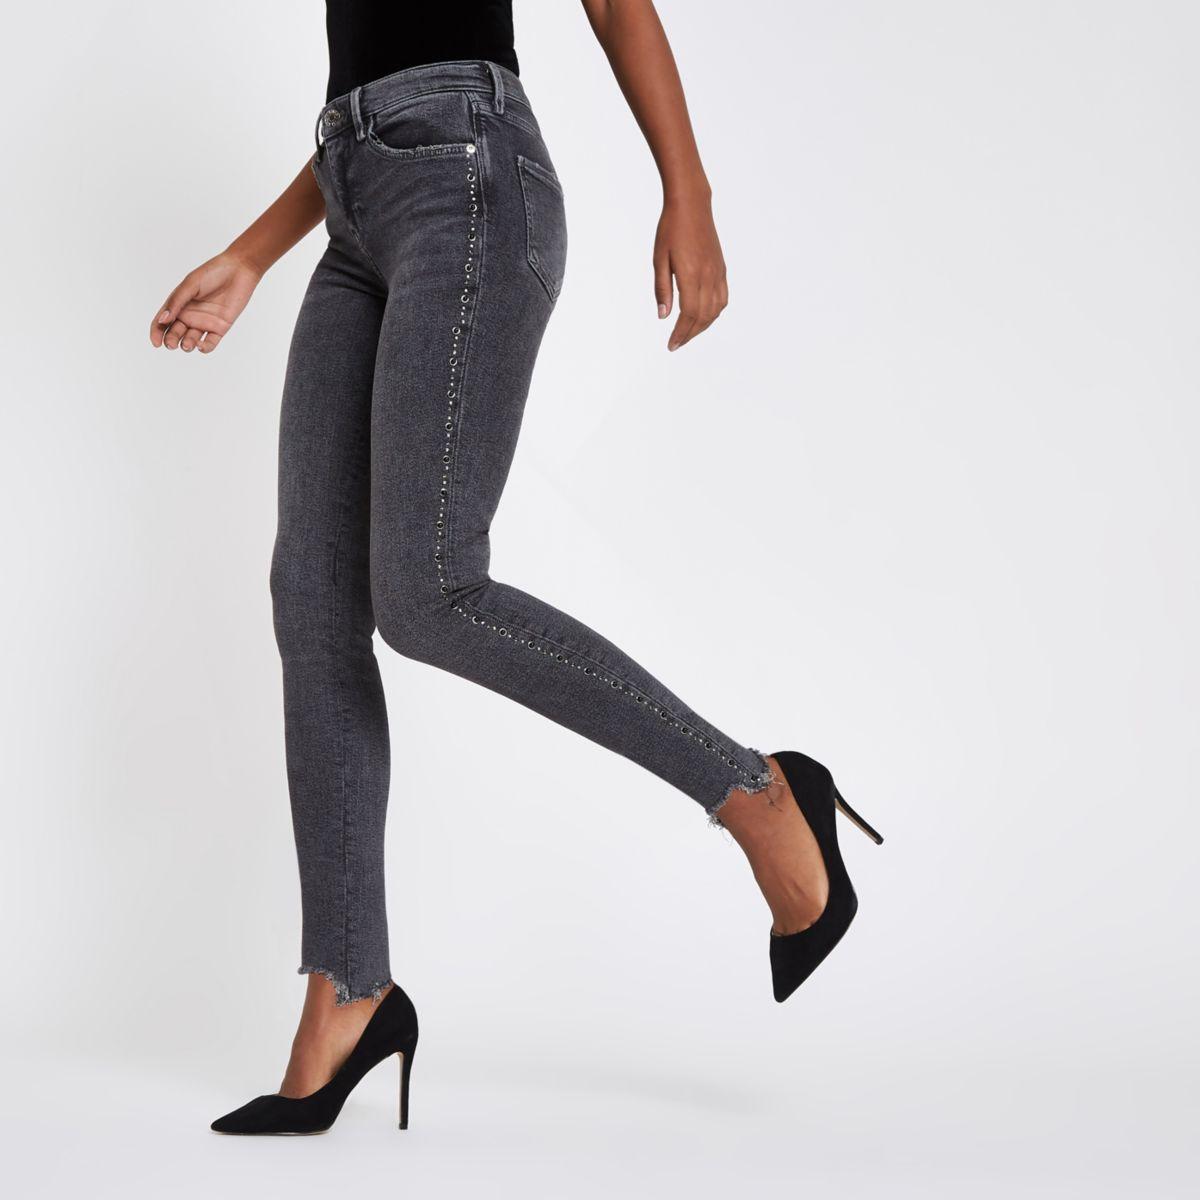 Grey Rl Amelie super skinny jeans